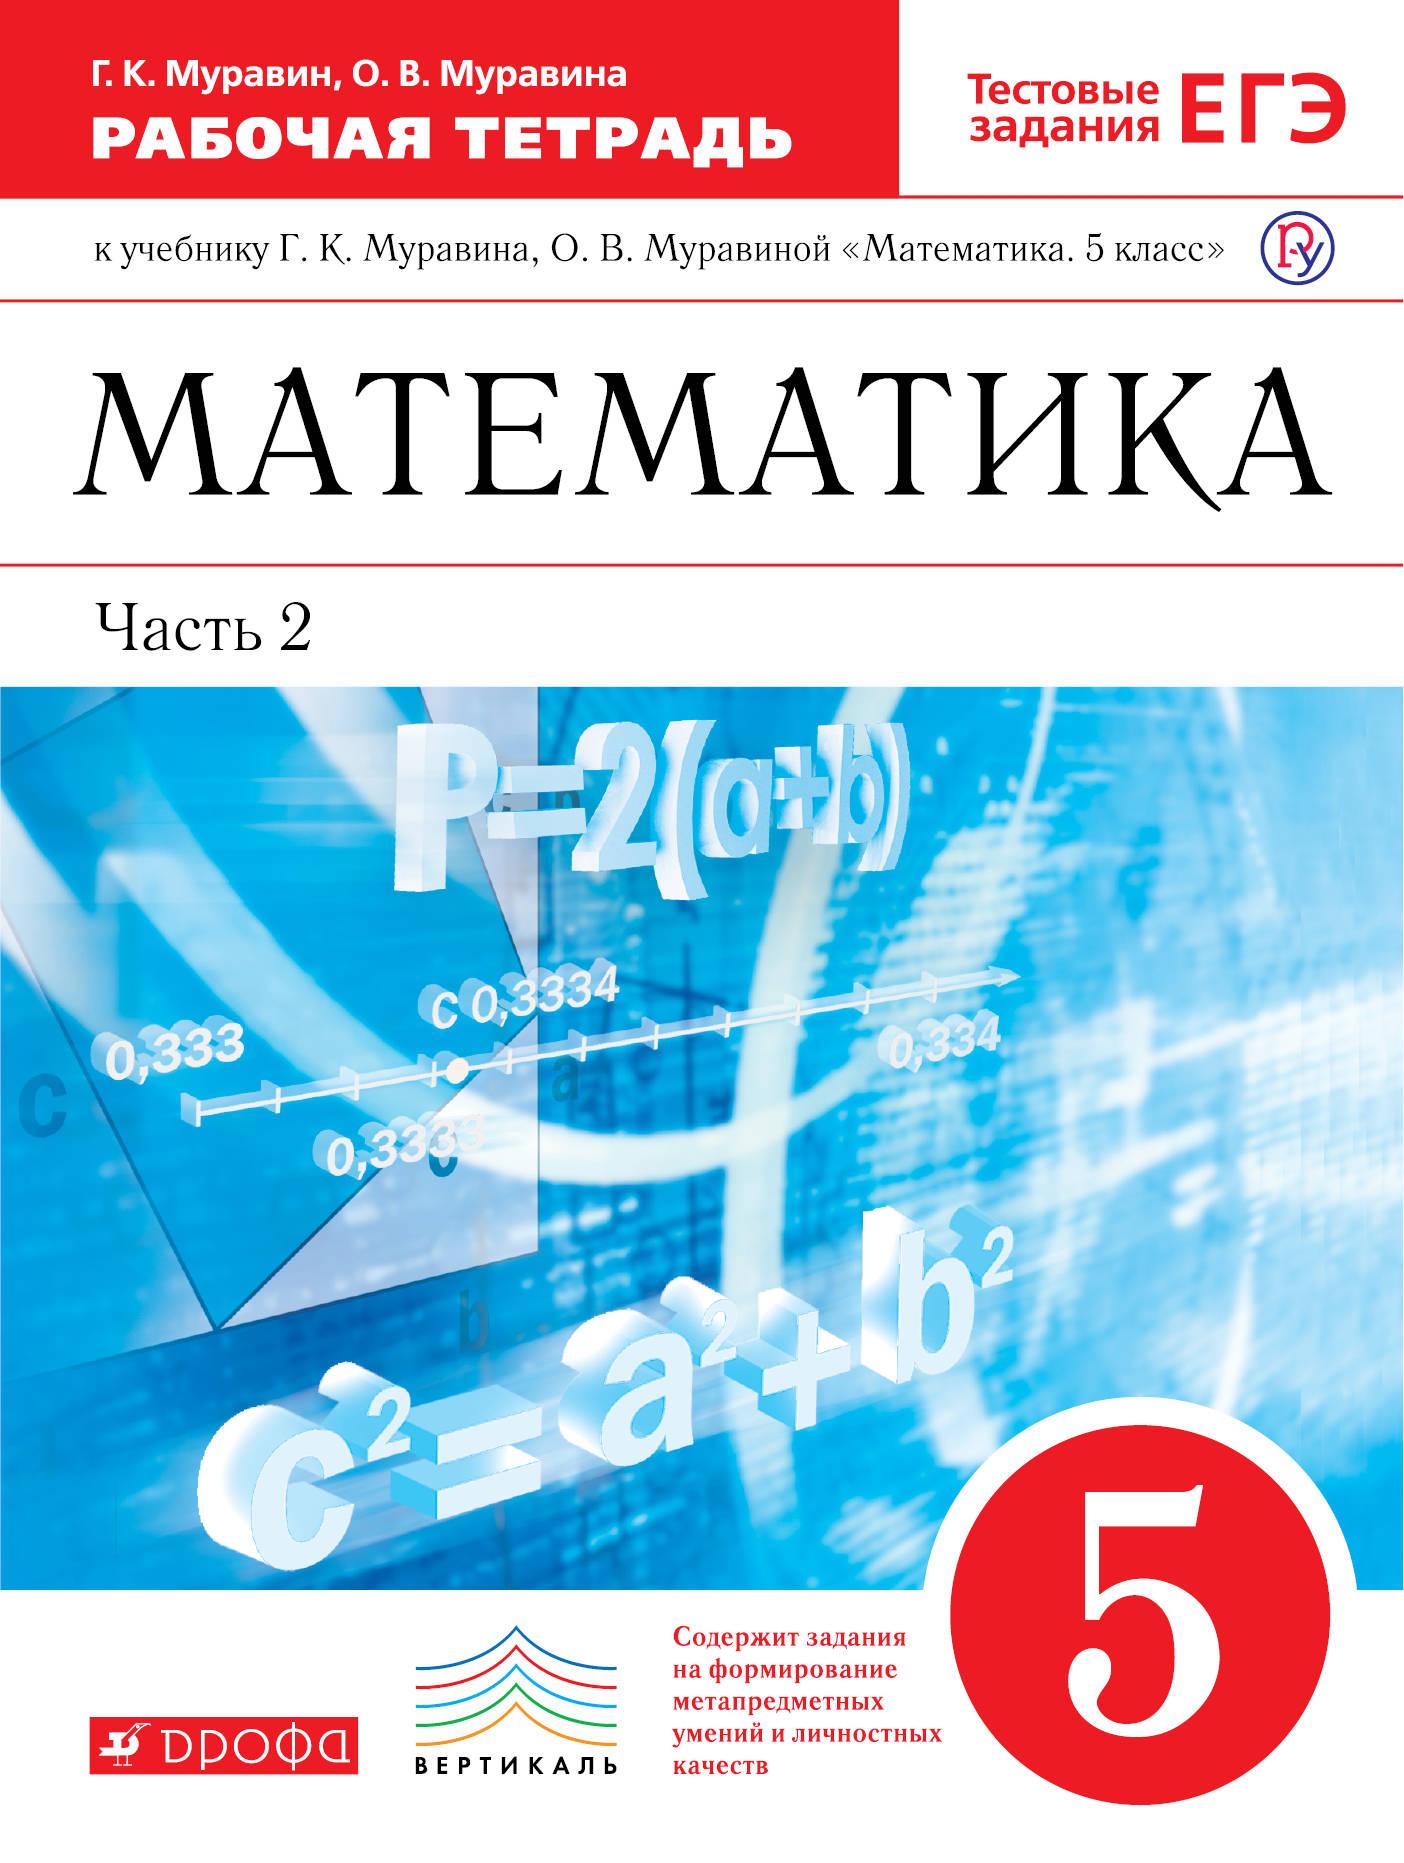 Г. К. Муравин,О. В. Муравина Математика. 5 класс. Рабочая тетрадь (с тестовыми заданиями ЕГЭ). Часть 2